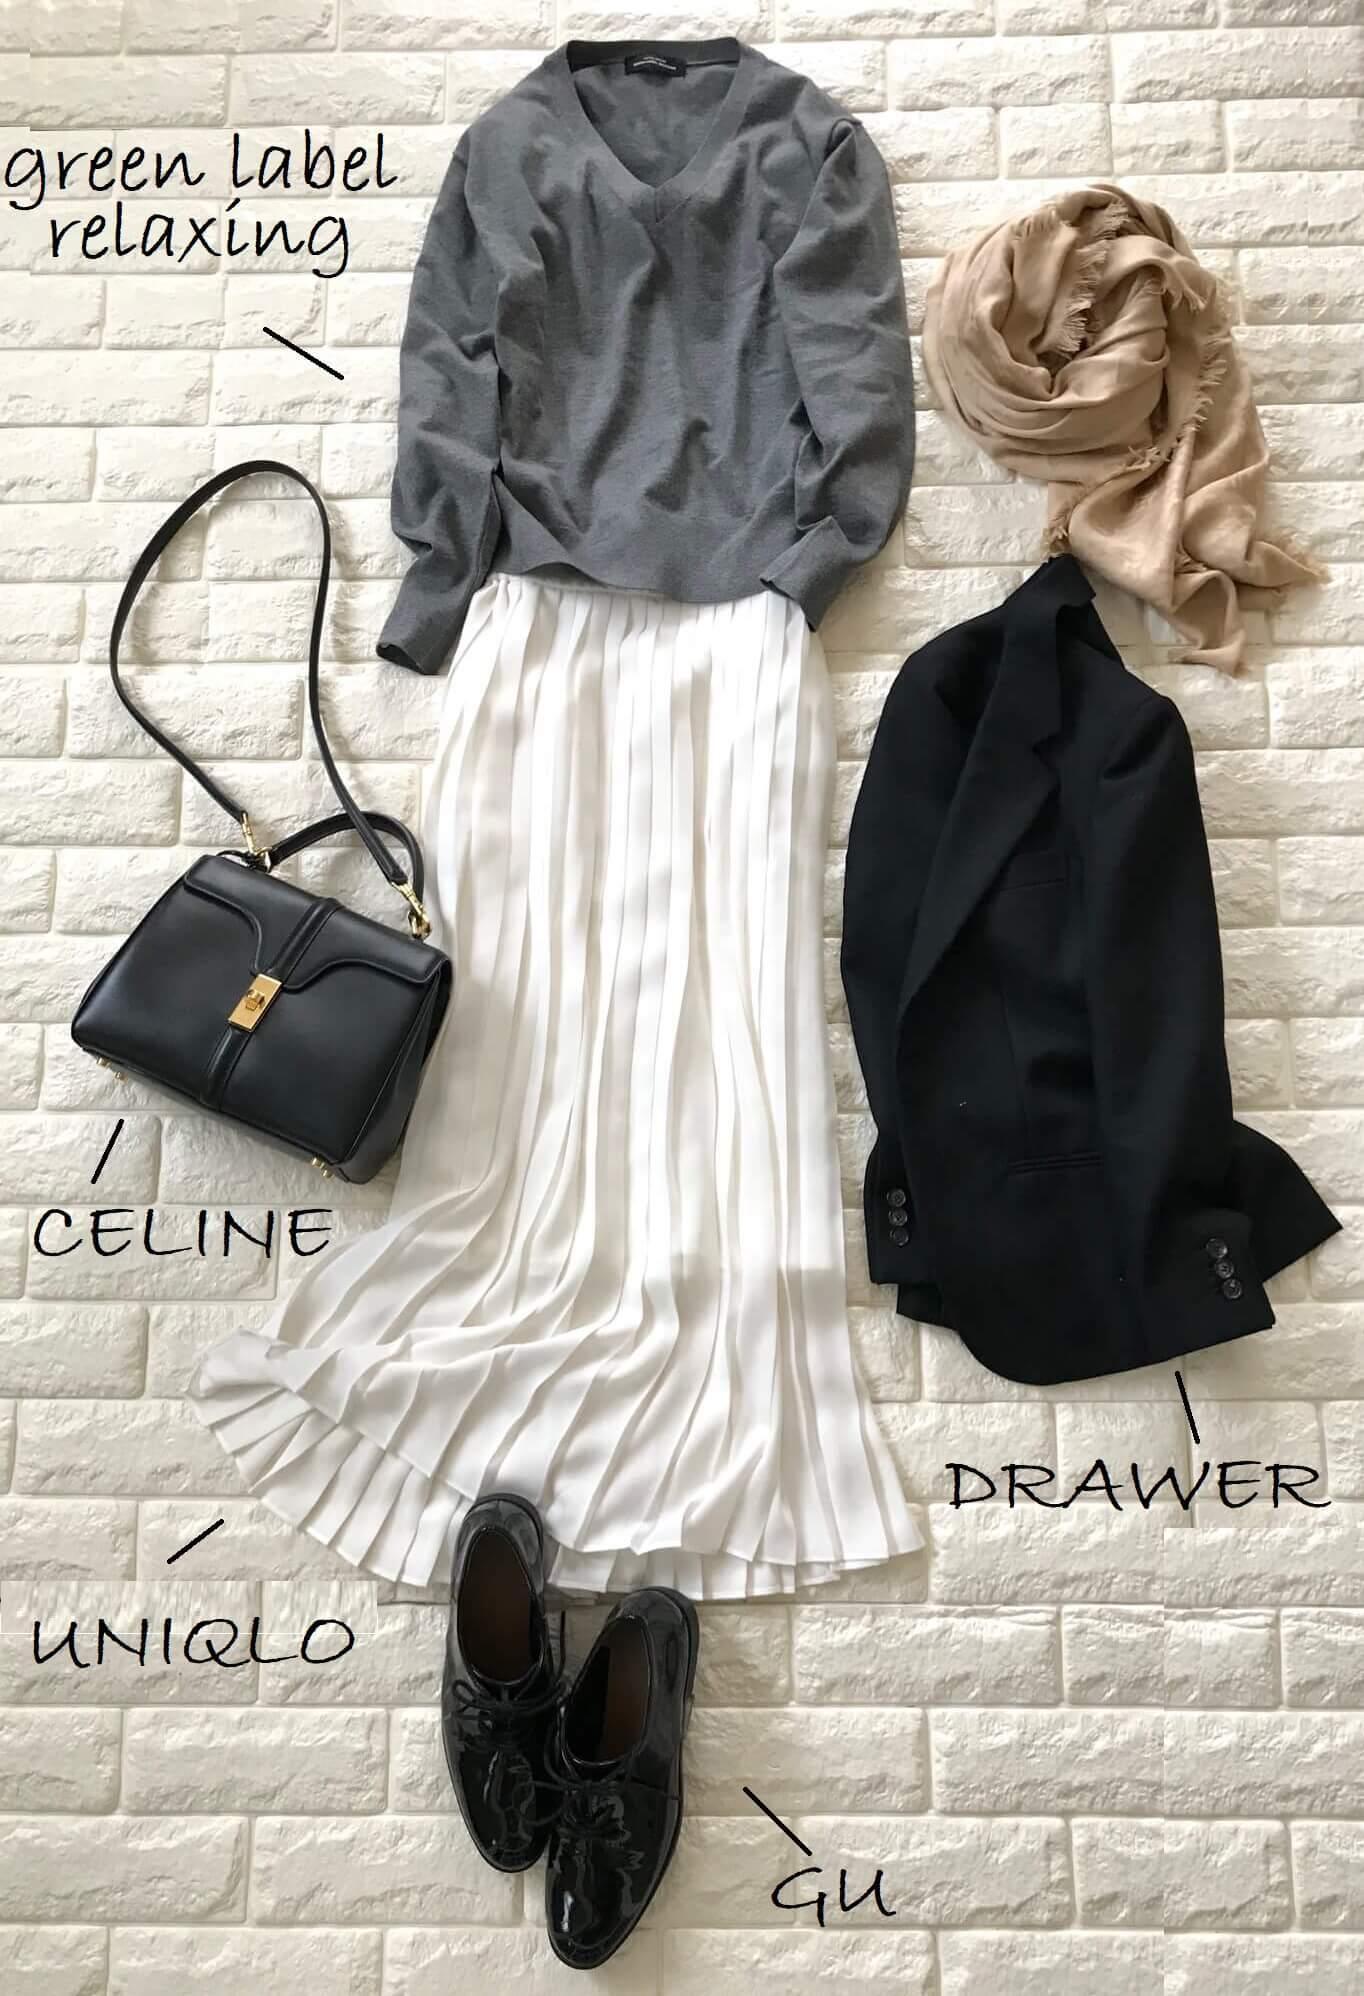 ユニクロの白プリーツスカートとグレーのニットを合わせたコーデ